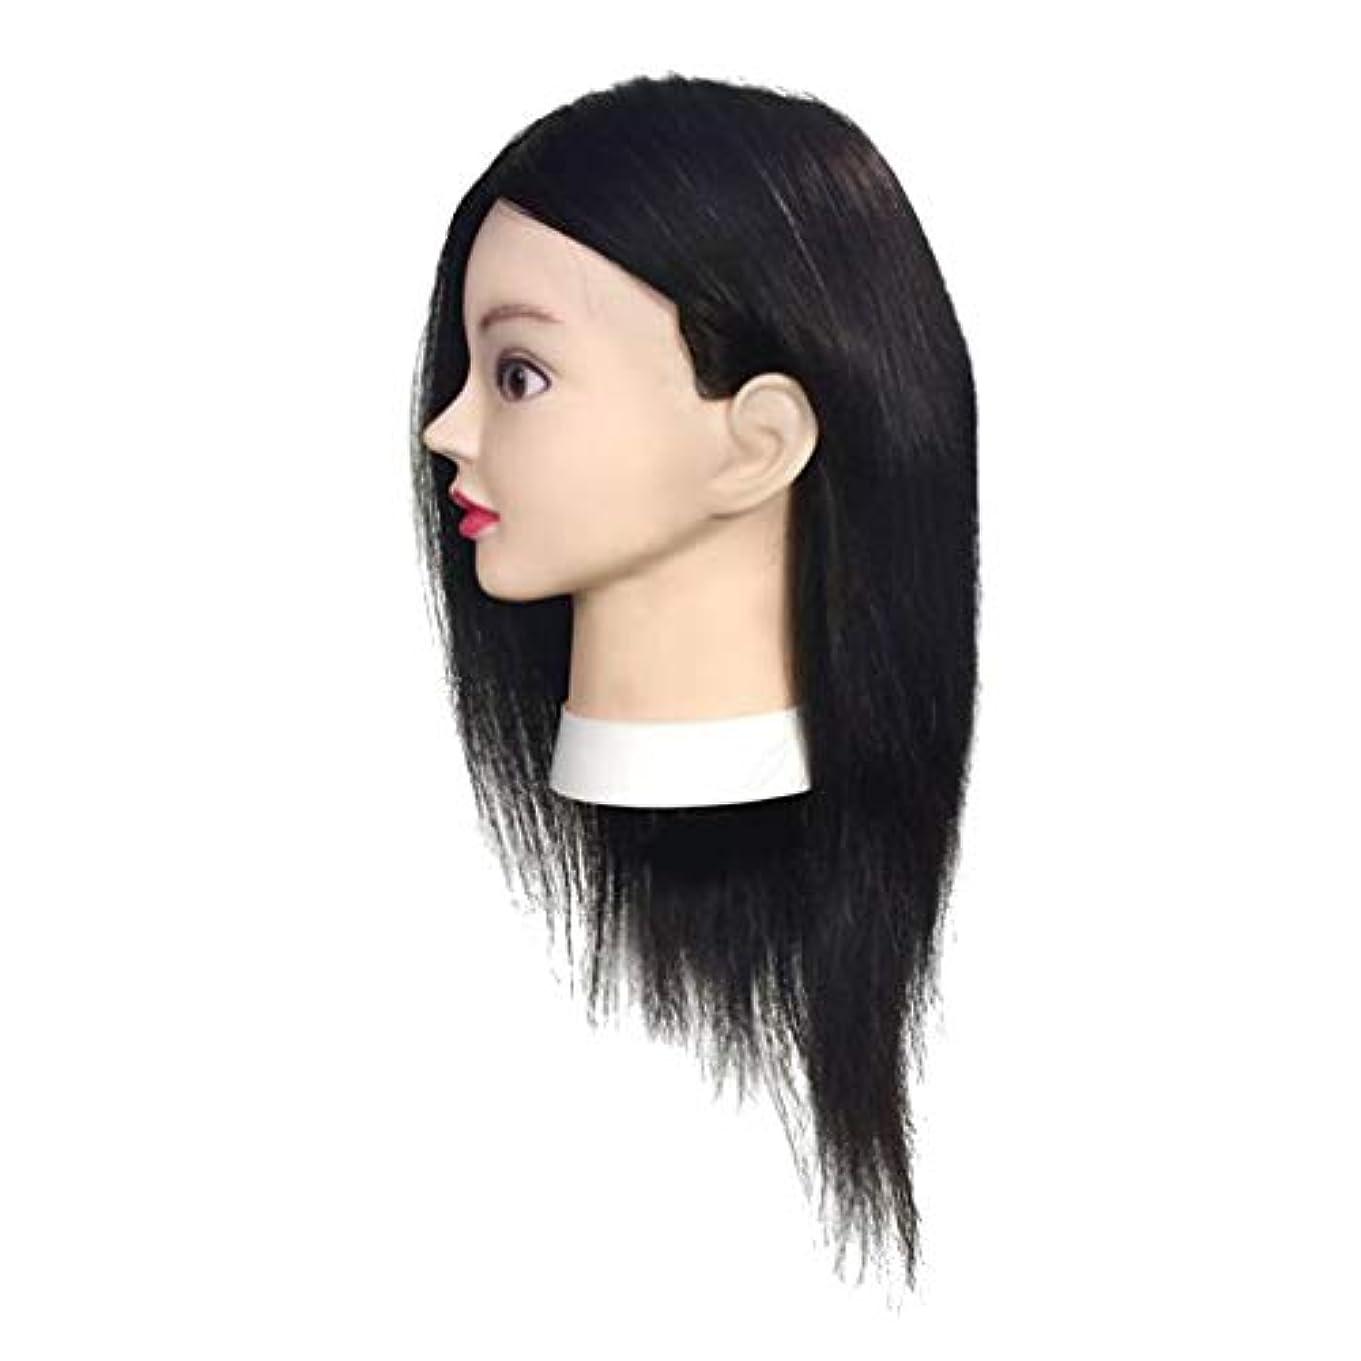 柱アンタゴニストうれしいCUTICATE マネキンヘッド ウィッグ 編み込み練習用 練習用 美容師 理髪店 美容院 サロン